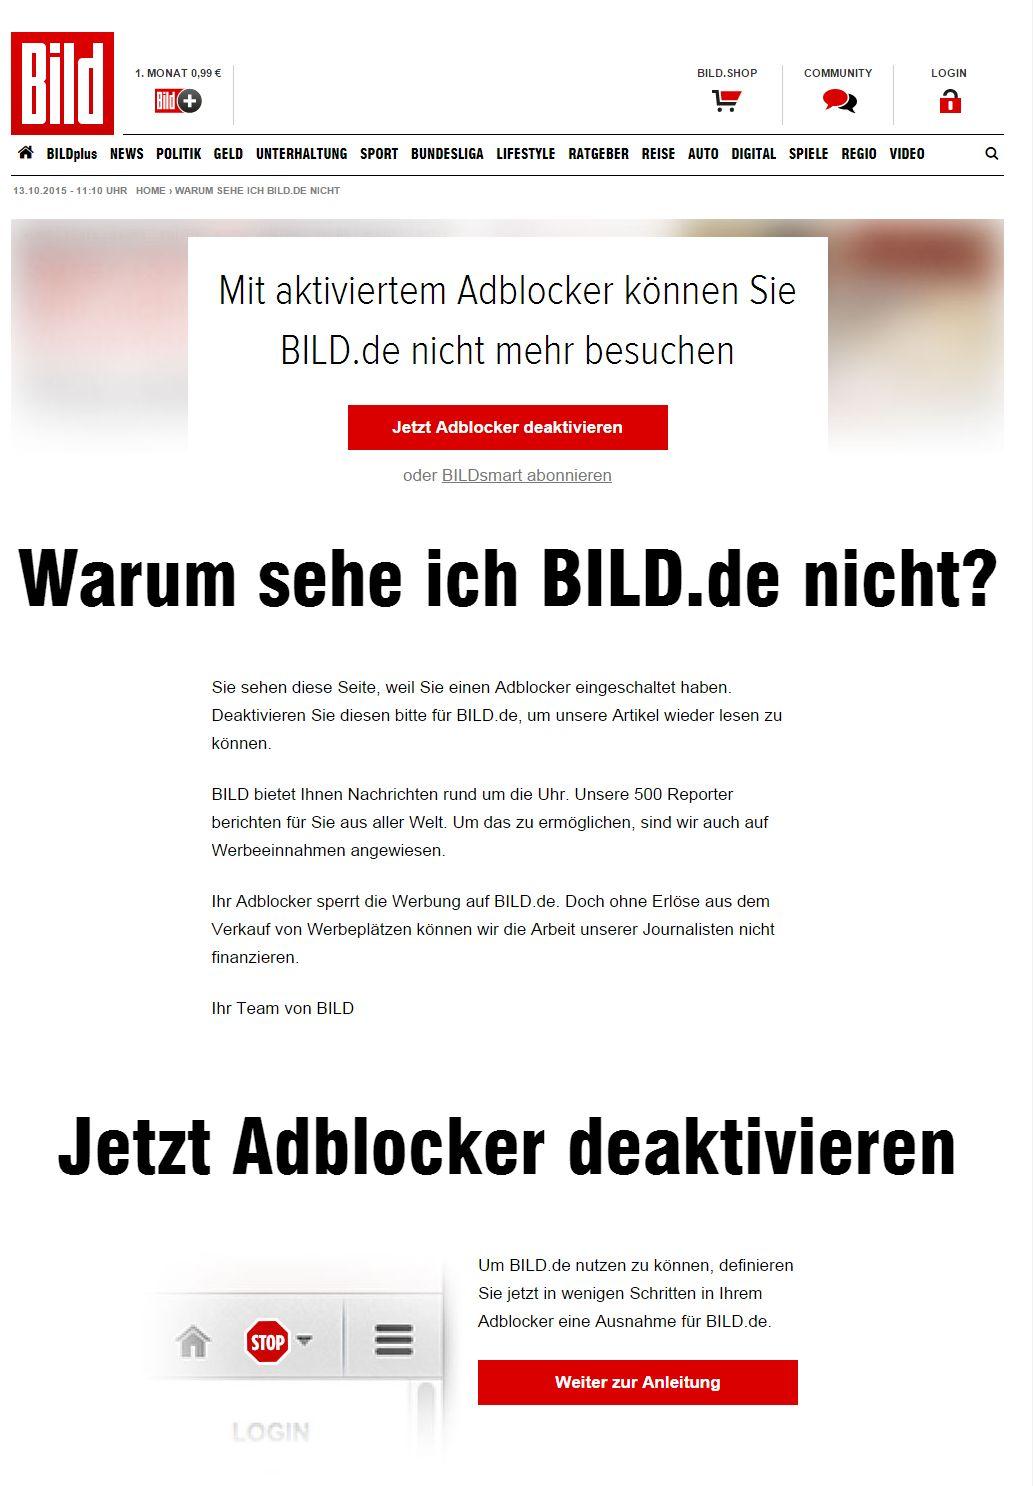 Charmant Schicke Ich Referenzen Mit Meinem Lebenslauf Fotos ...